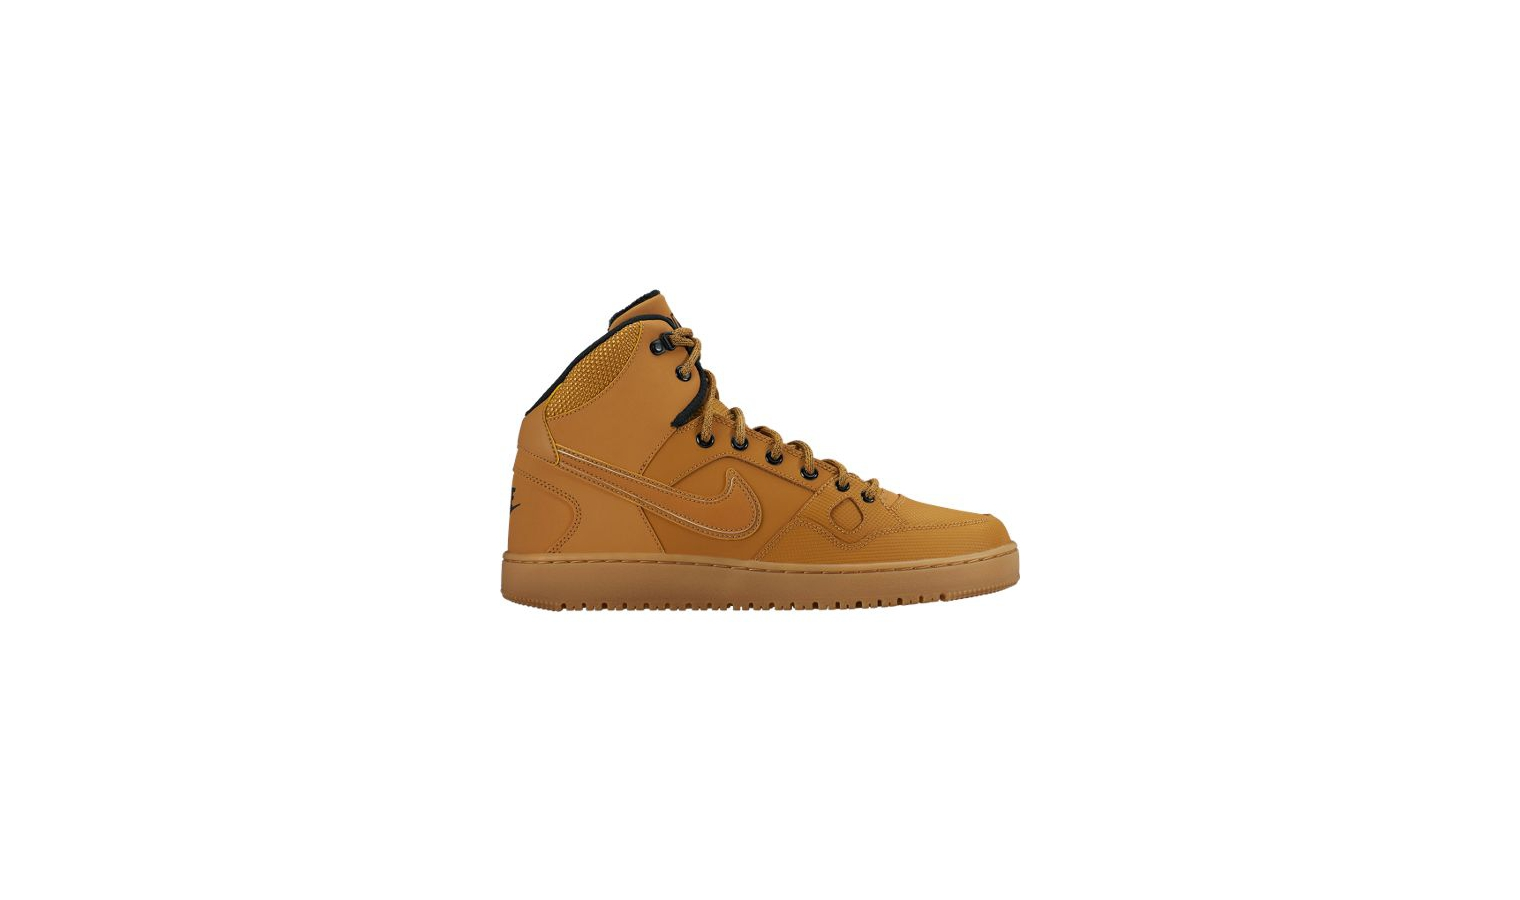 ... Pánské boty Nike SON OF FORCE MID WINTER hnědé. 0 Kč cecac680dca